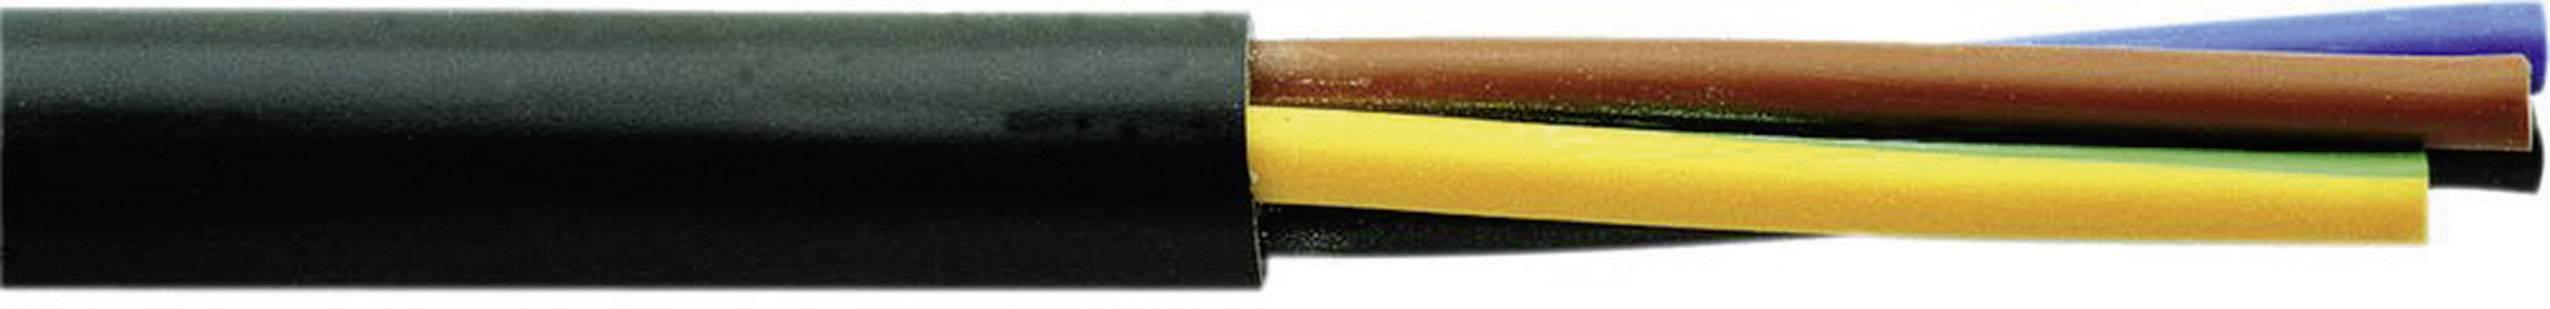 Vícežílový kabel Faber Kabel H05RR-F, 050021, 2 x 1.50 mm², černá, metrové zboží